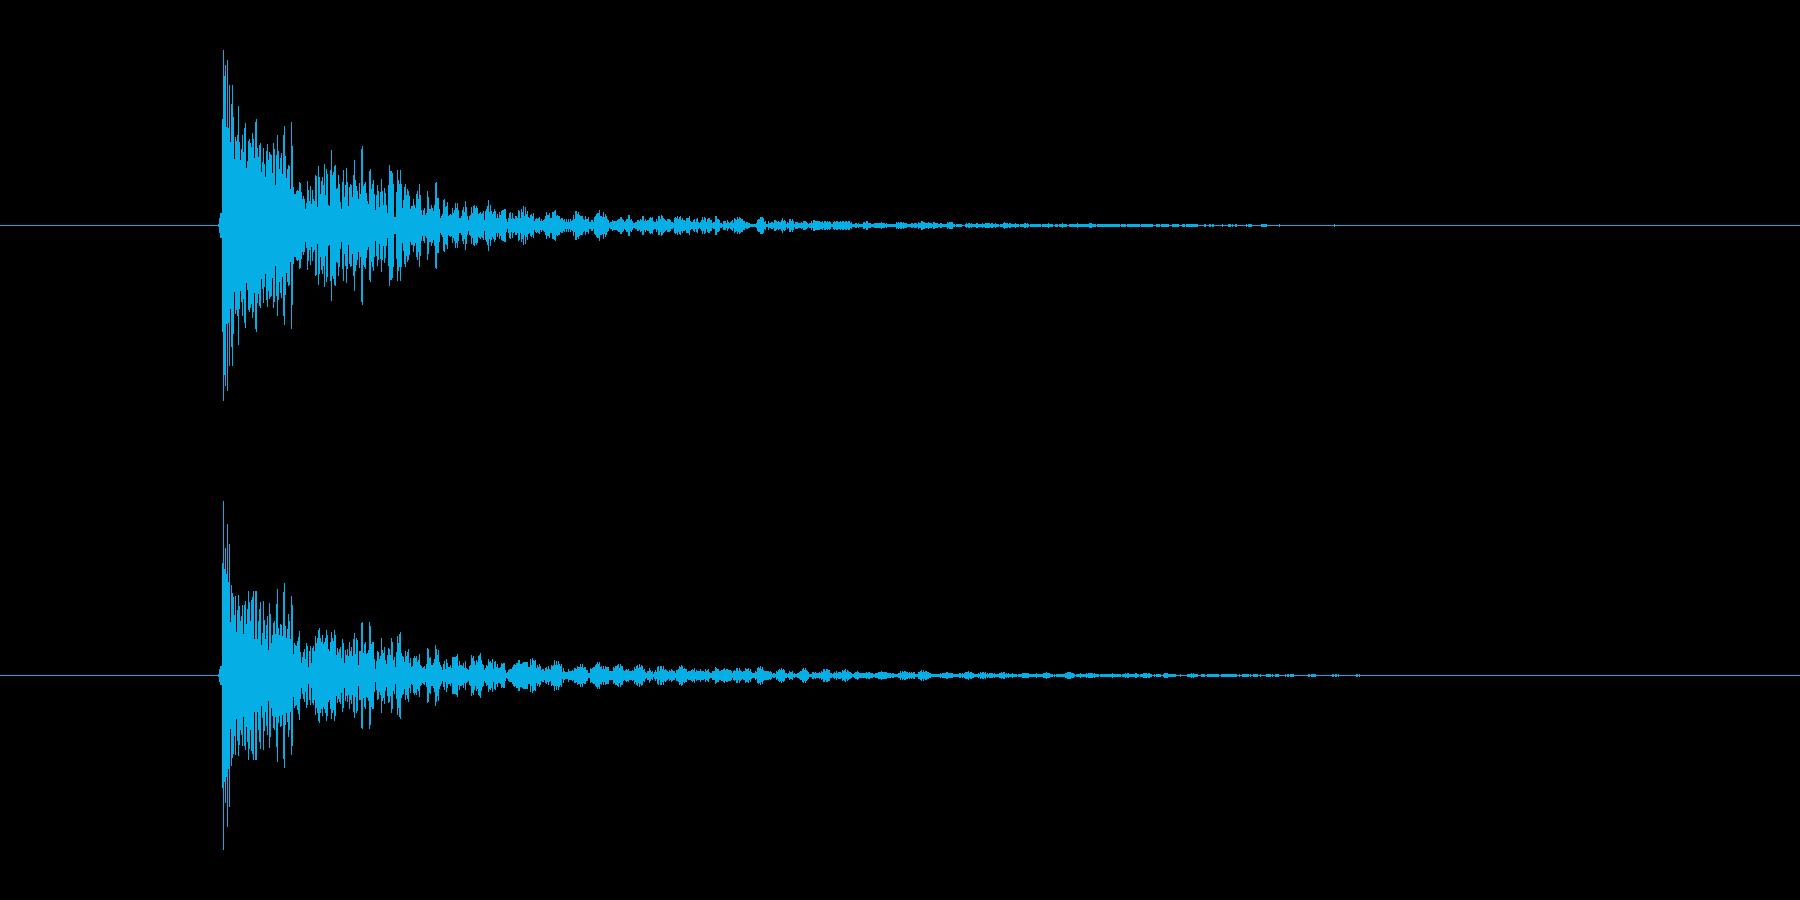 「ダン」という張り詰めた太鼓の音の再生済みの波形